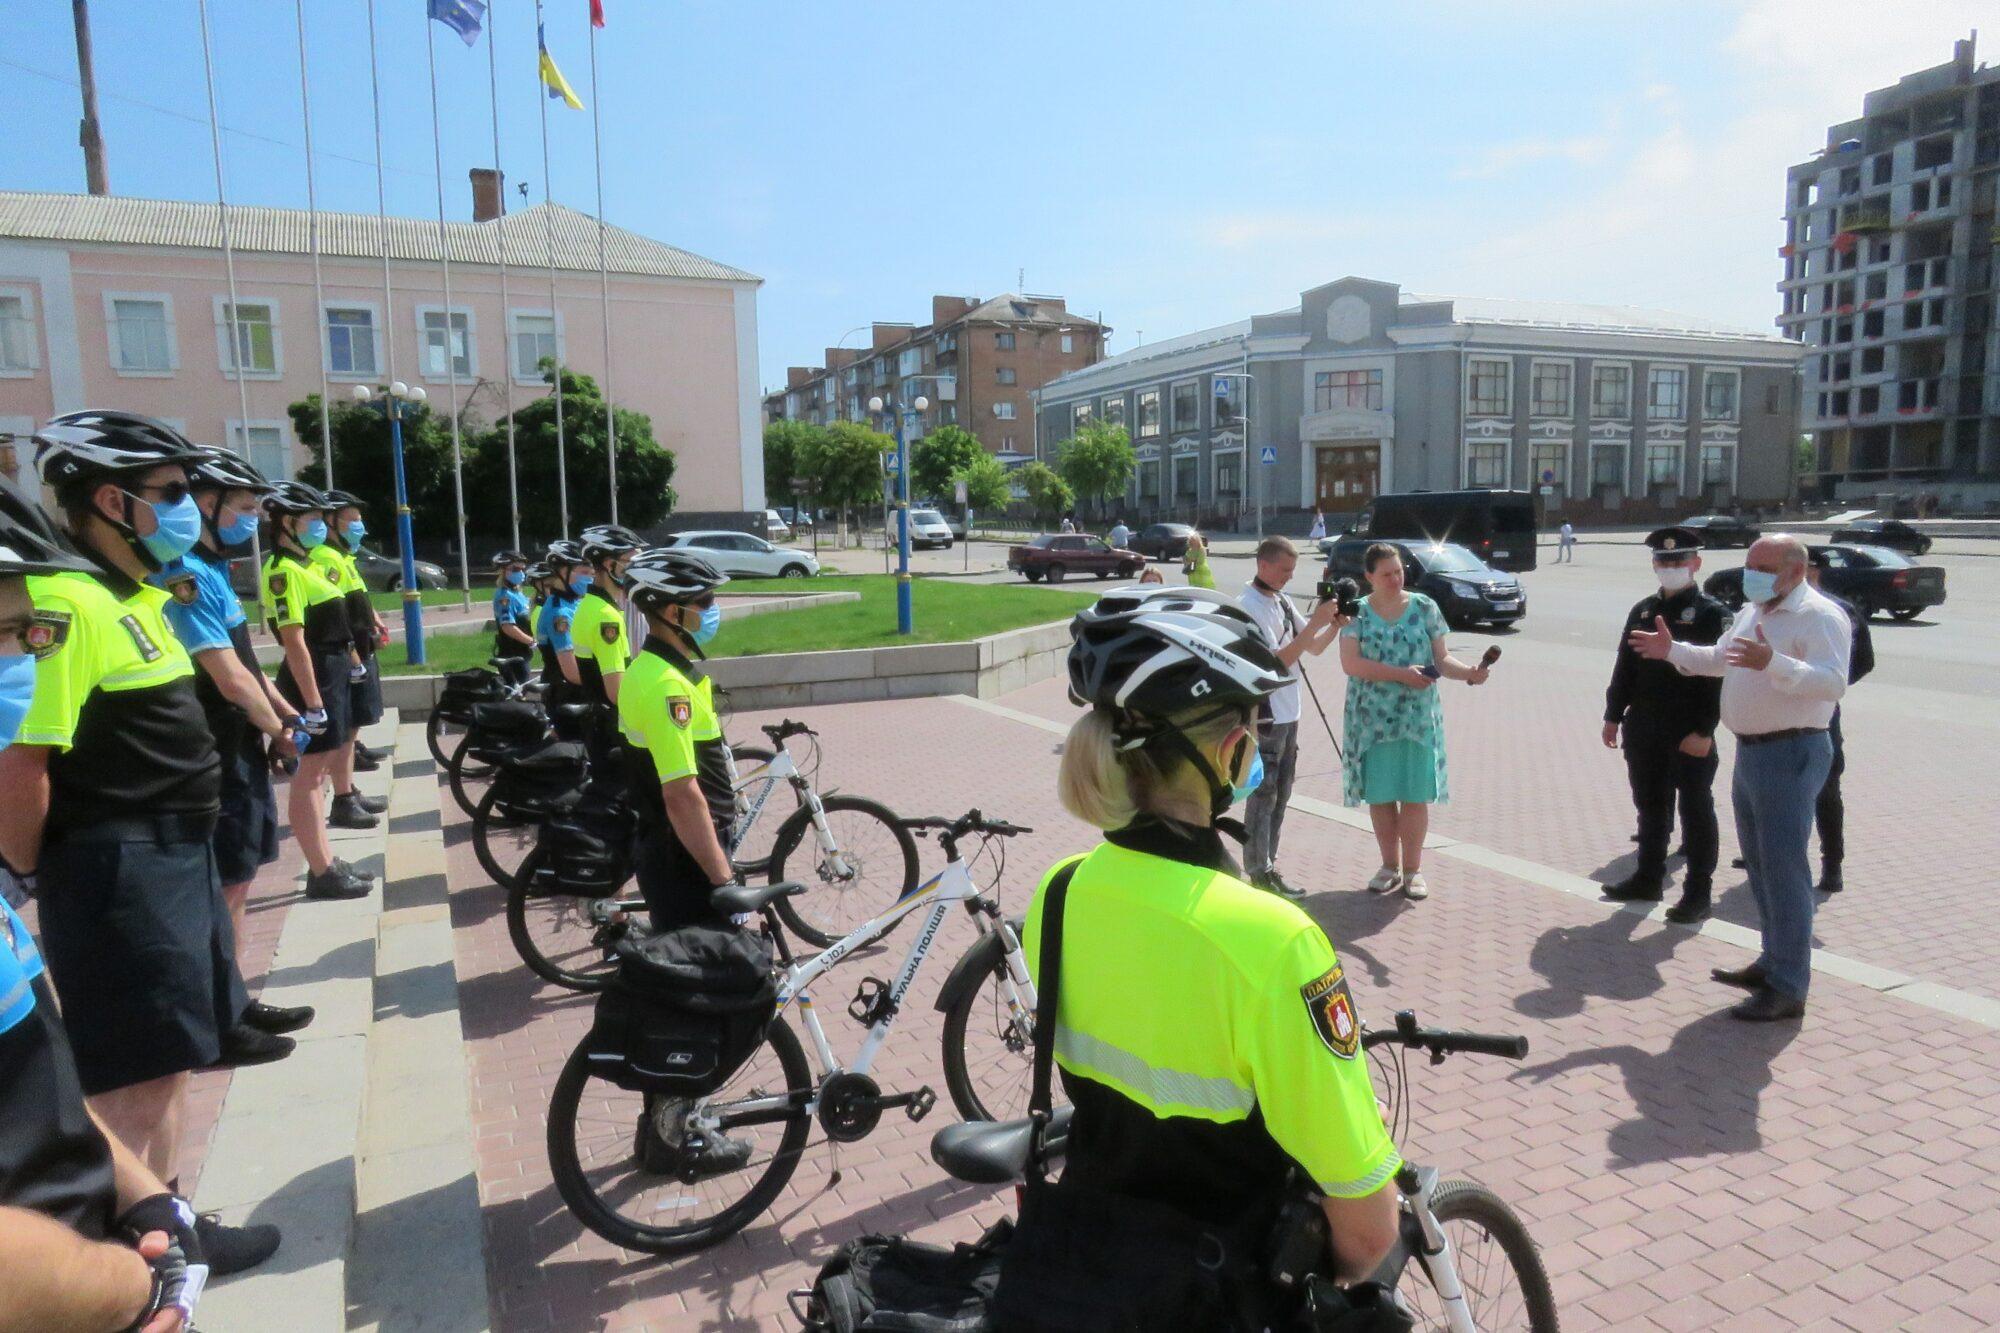 У Білій Церкві започаткували поліцейські велопатрулі - Біла Церква - Velopatrul2 2000x1333